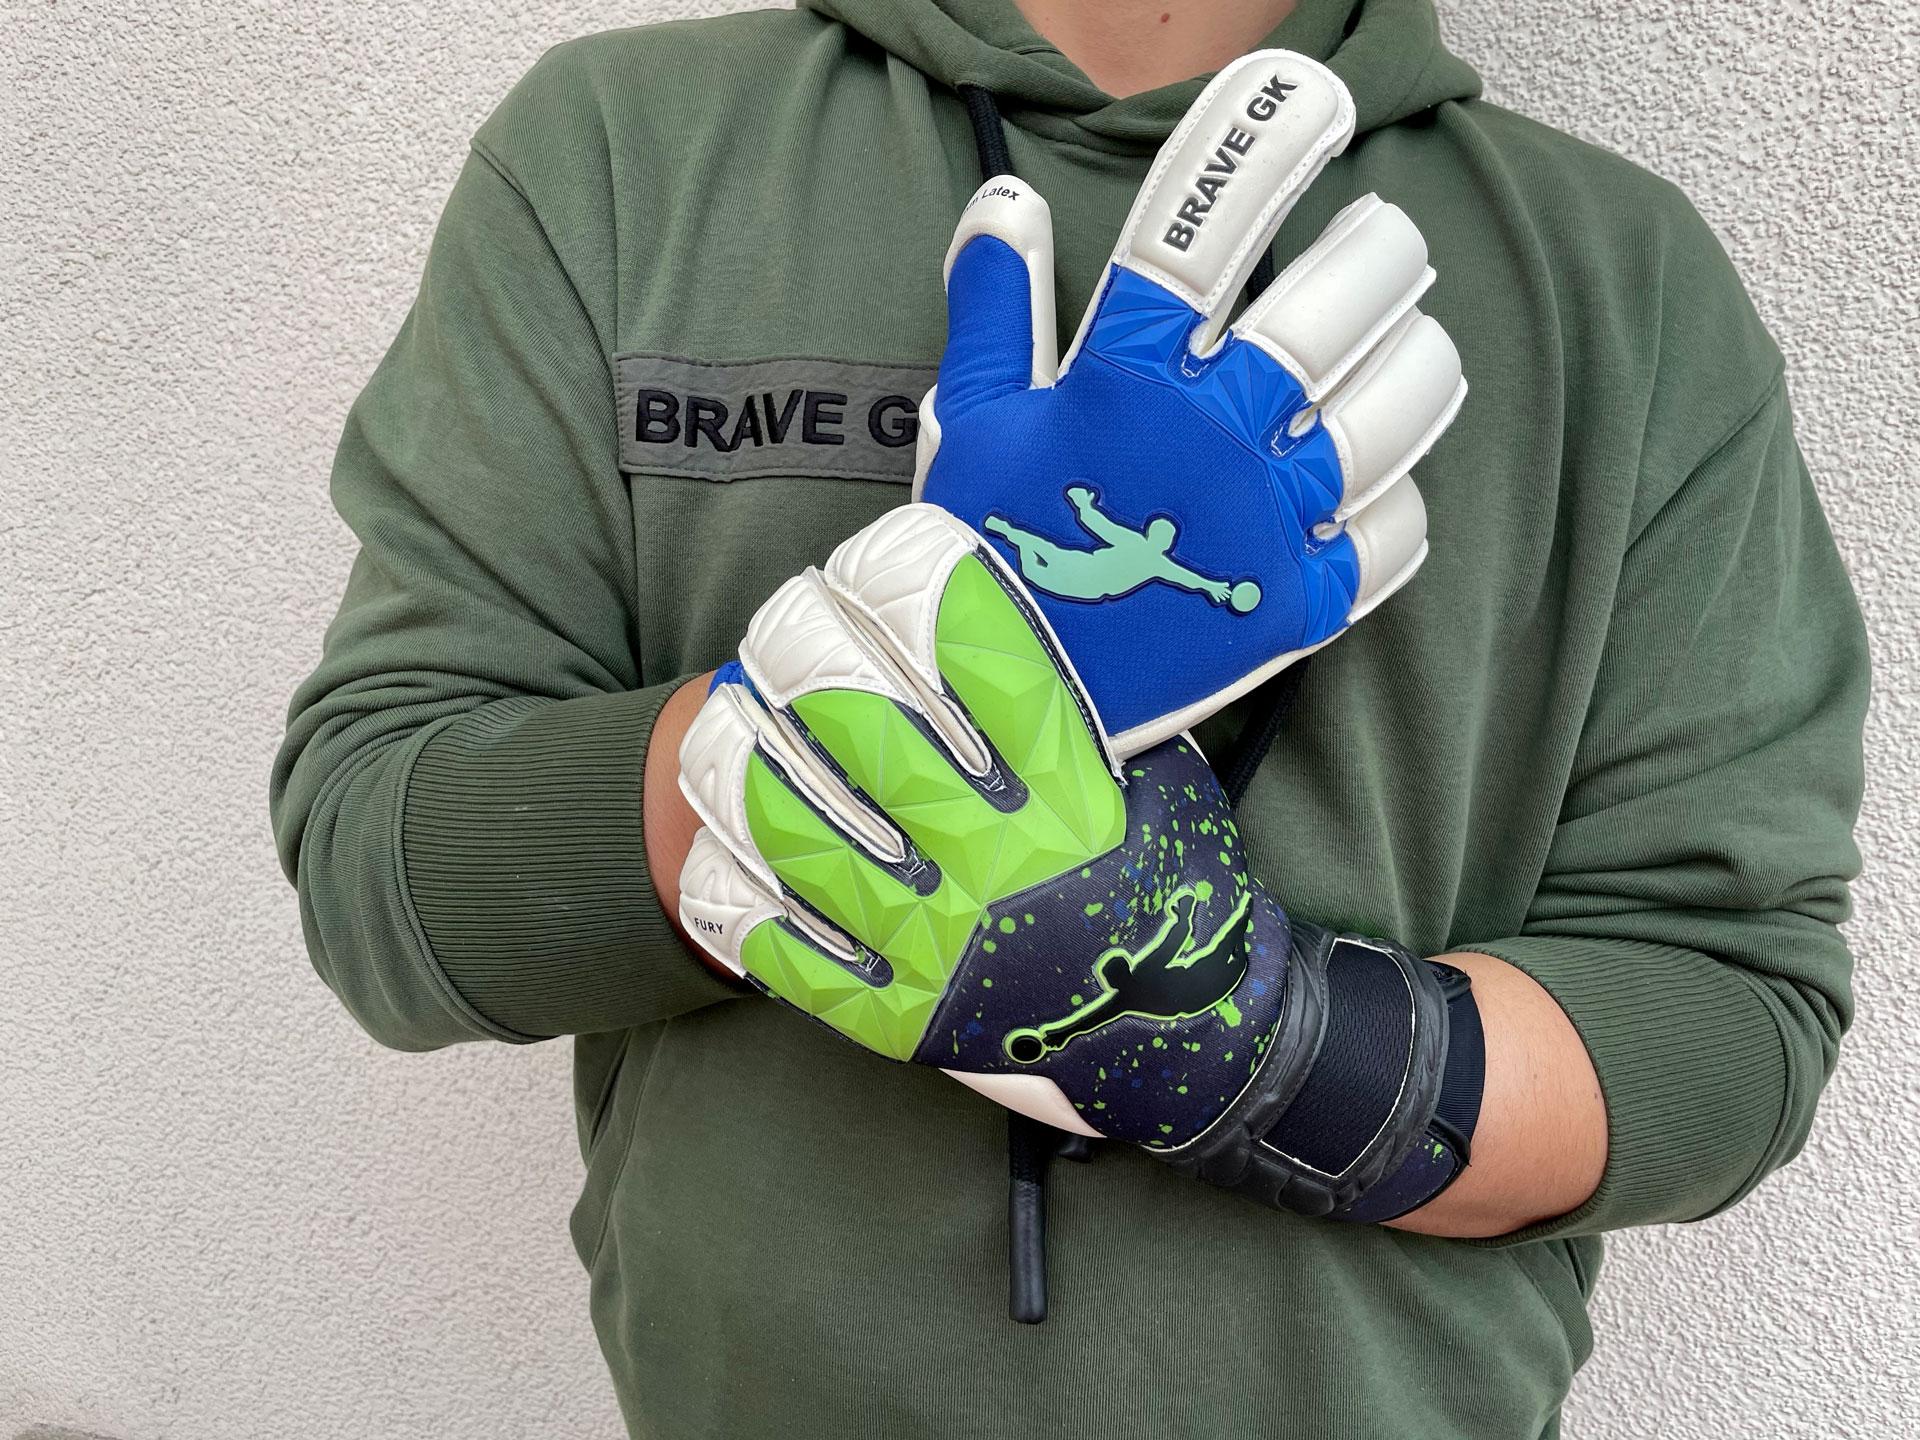 Внешняя сторона воротарських вратарских перчаток Fury 2.0 Green Paint Drops и Unique Blue - официальный интернет-магазин Brave GK